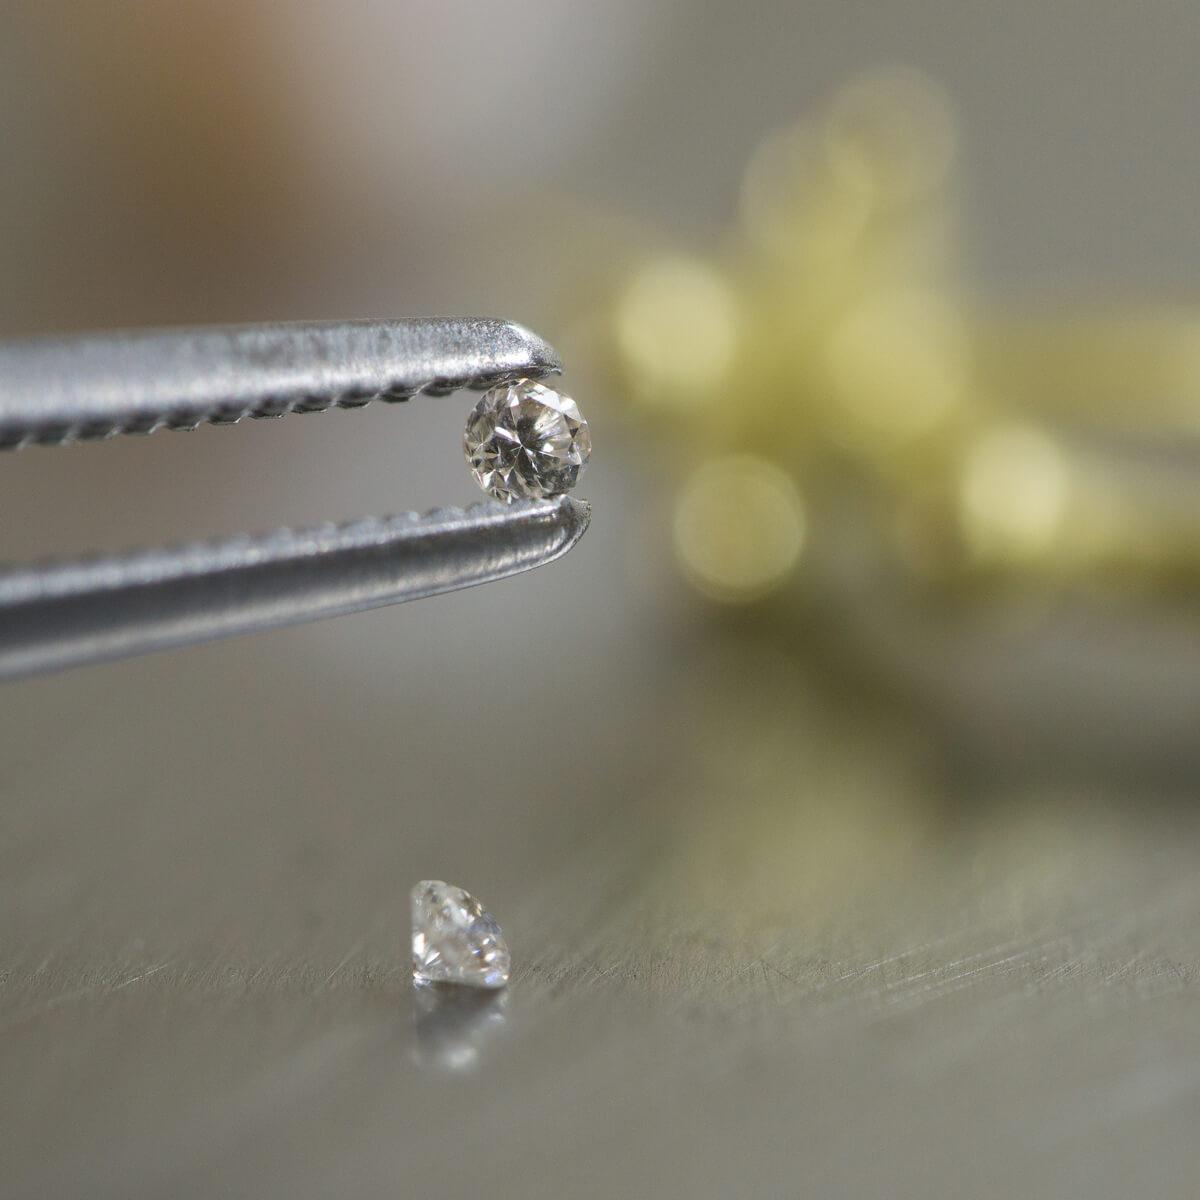 オーダーメイドジュエリーの制作風景 ジュエリーのアトリエ ダイヤモンド、その奥にゴールドの金具 屋久島の水のイメージ 屋久島でつくるジュエリー